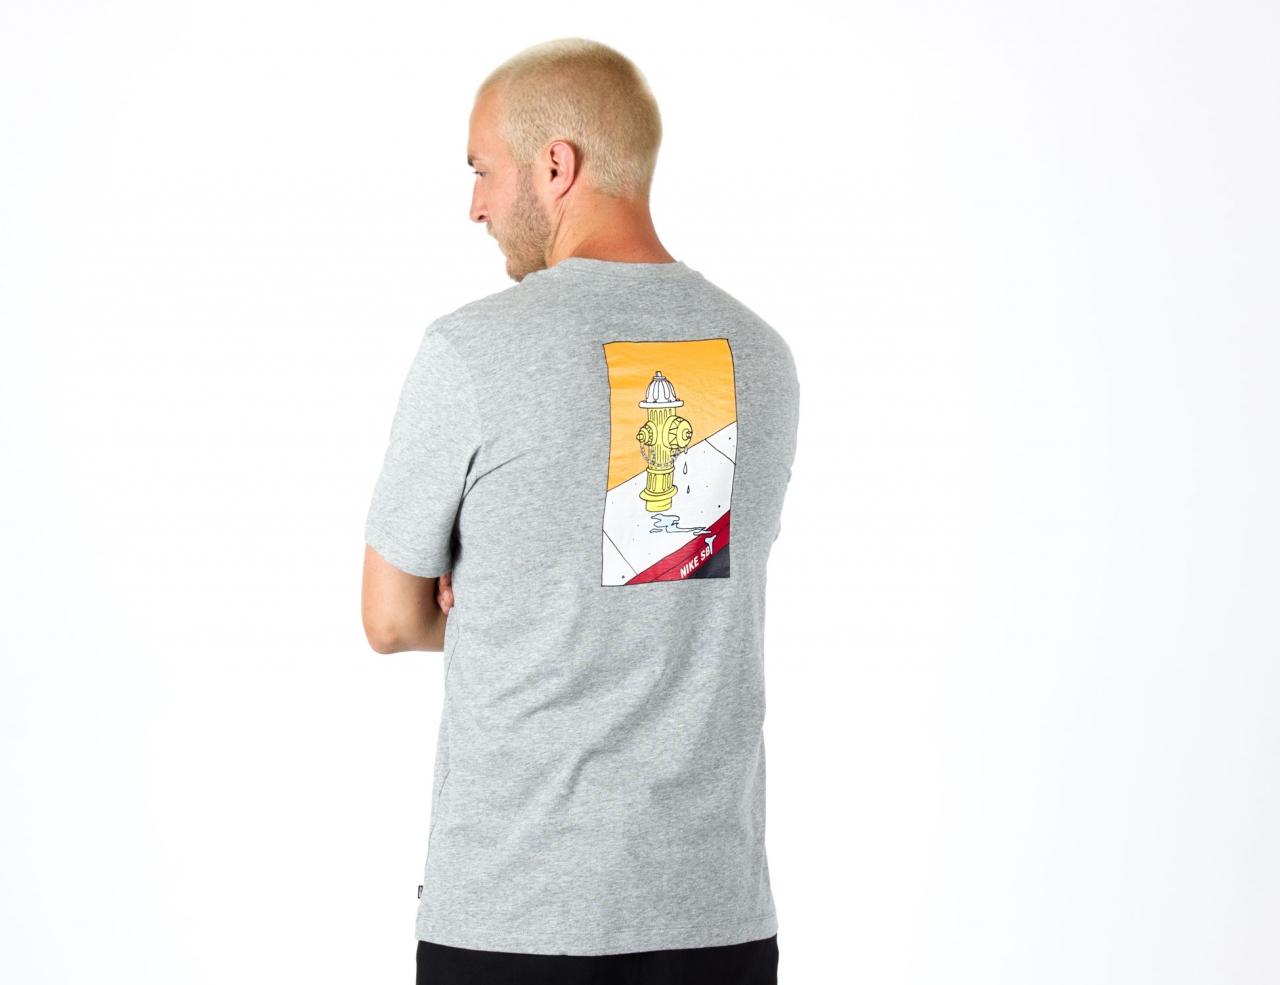 Nike SB Lincon & 17th Shirt - Grey